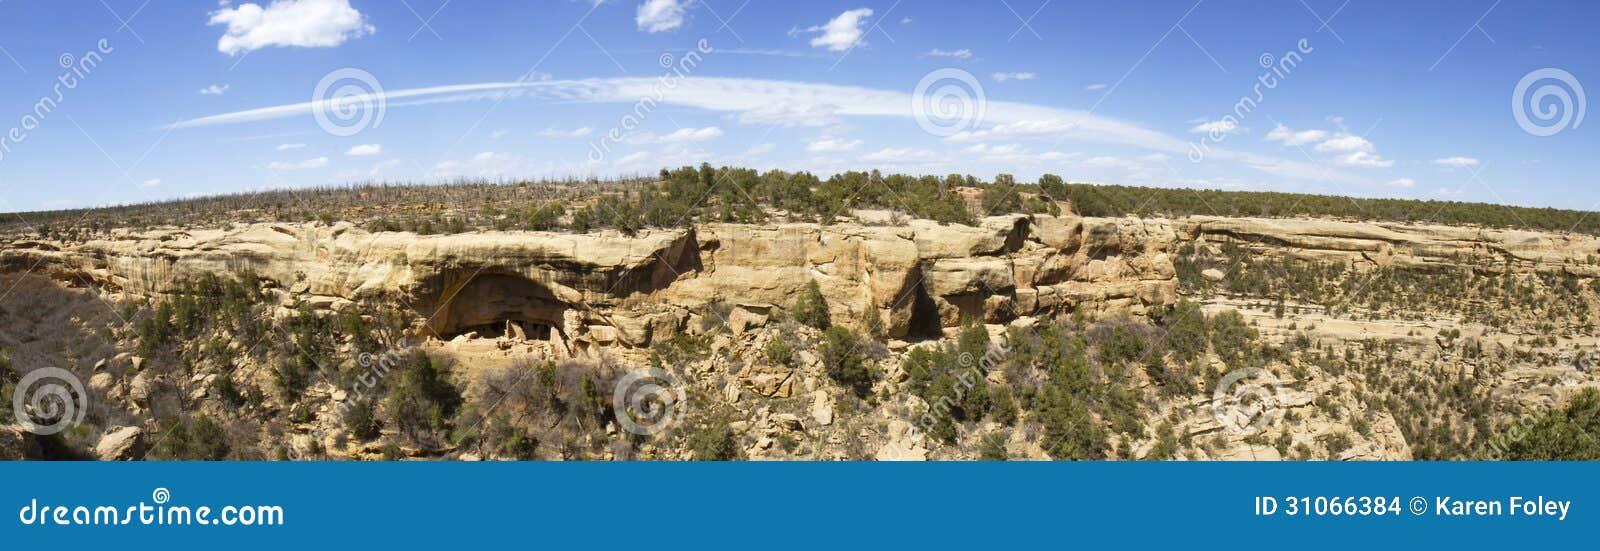 Панорама жилищ скалы в национальном парке мезы Verde